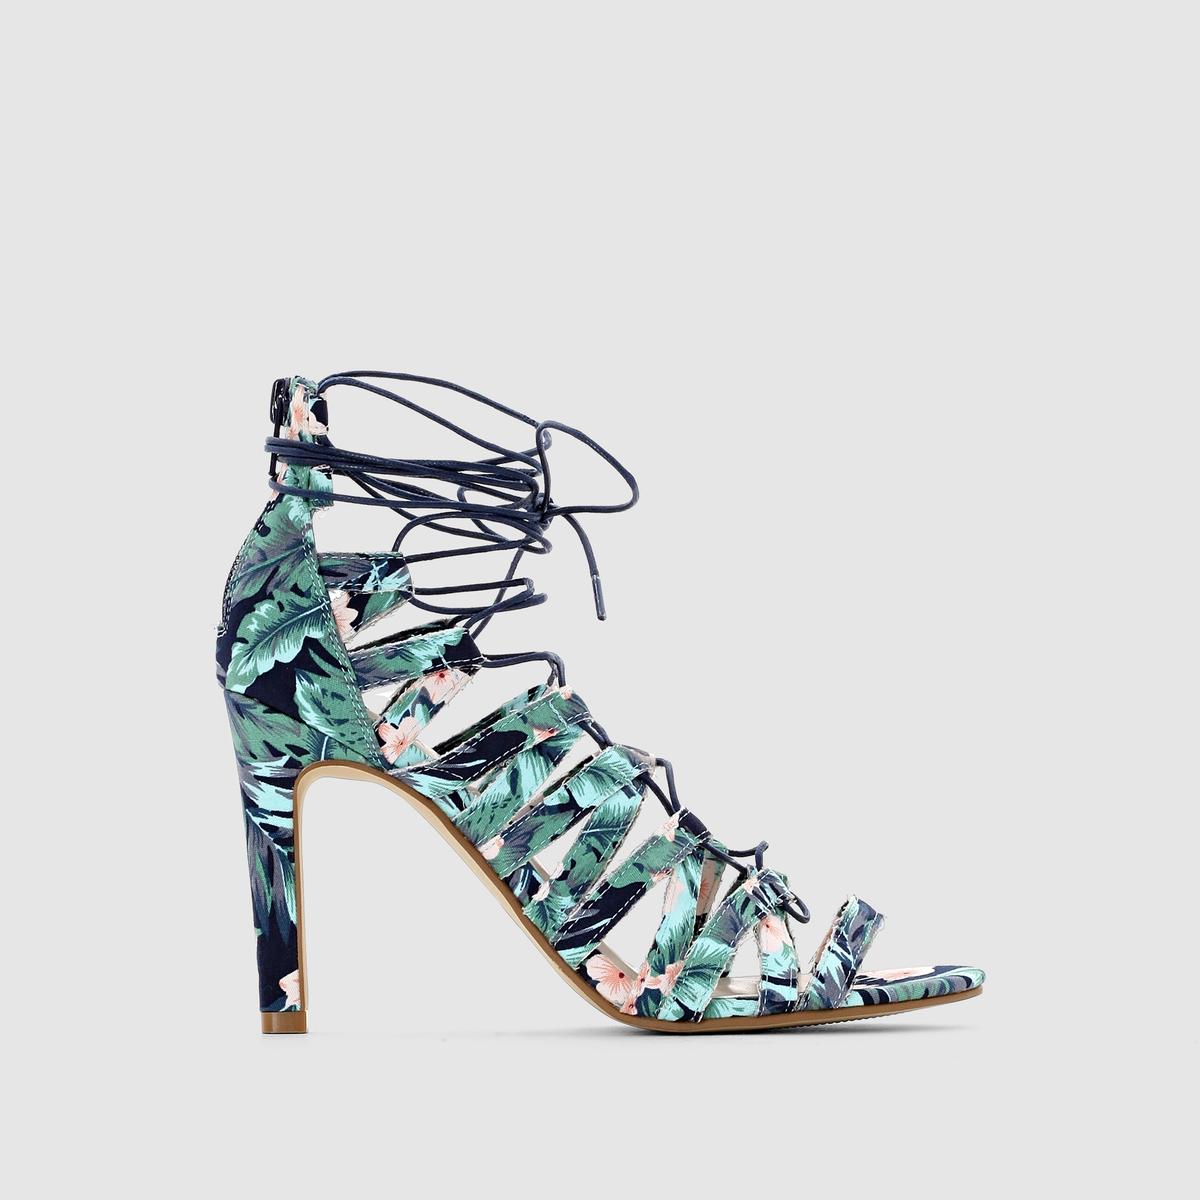 Босоножки на высоком каблукеОригинальная и женственная модель с разноцветным рисунком, источающая ощущение свободы. Застежка на шнуровку на щиколотке или икре.<br><br>Цвет: разноцветный<br>Размер: 38